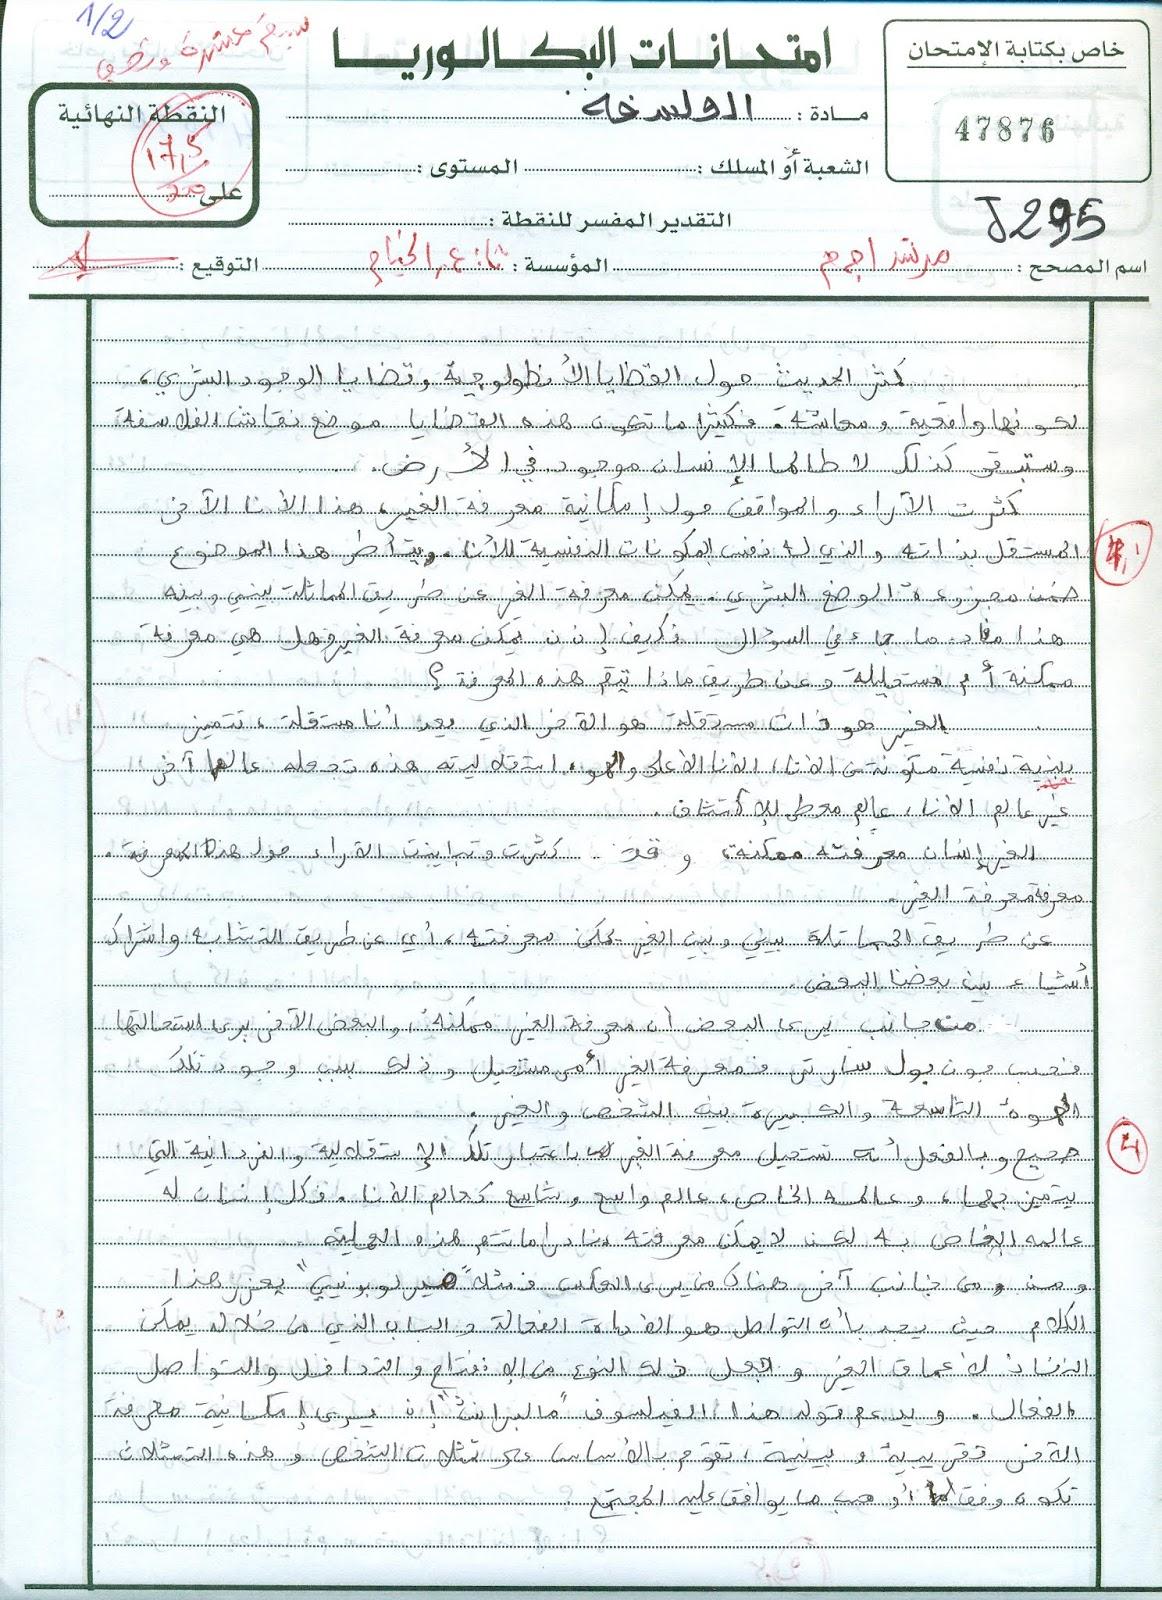 الإنجاز النموذجي (17.50/20)؛ الامتحان الوطني الموحد للباكالوريا، الفلسفة، مسلك العلوم الزراعية 2013